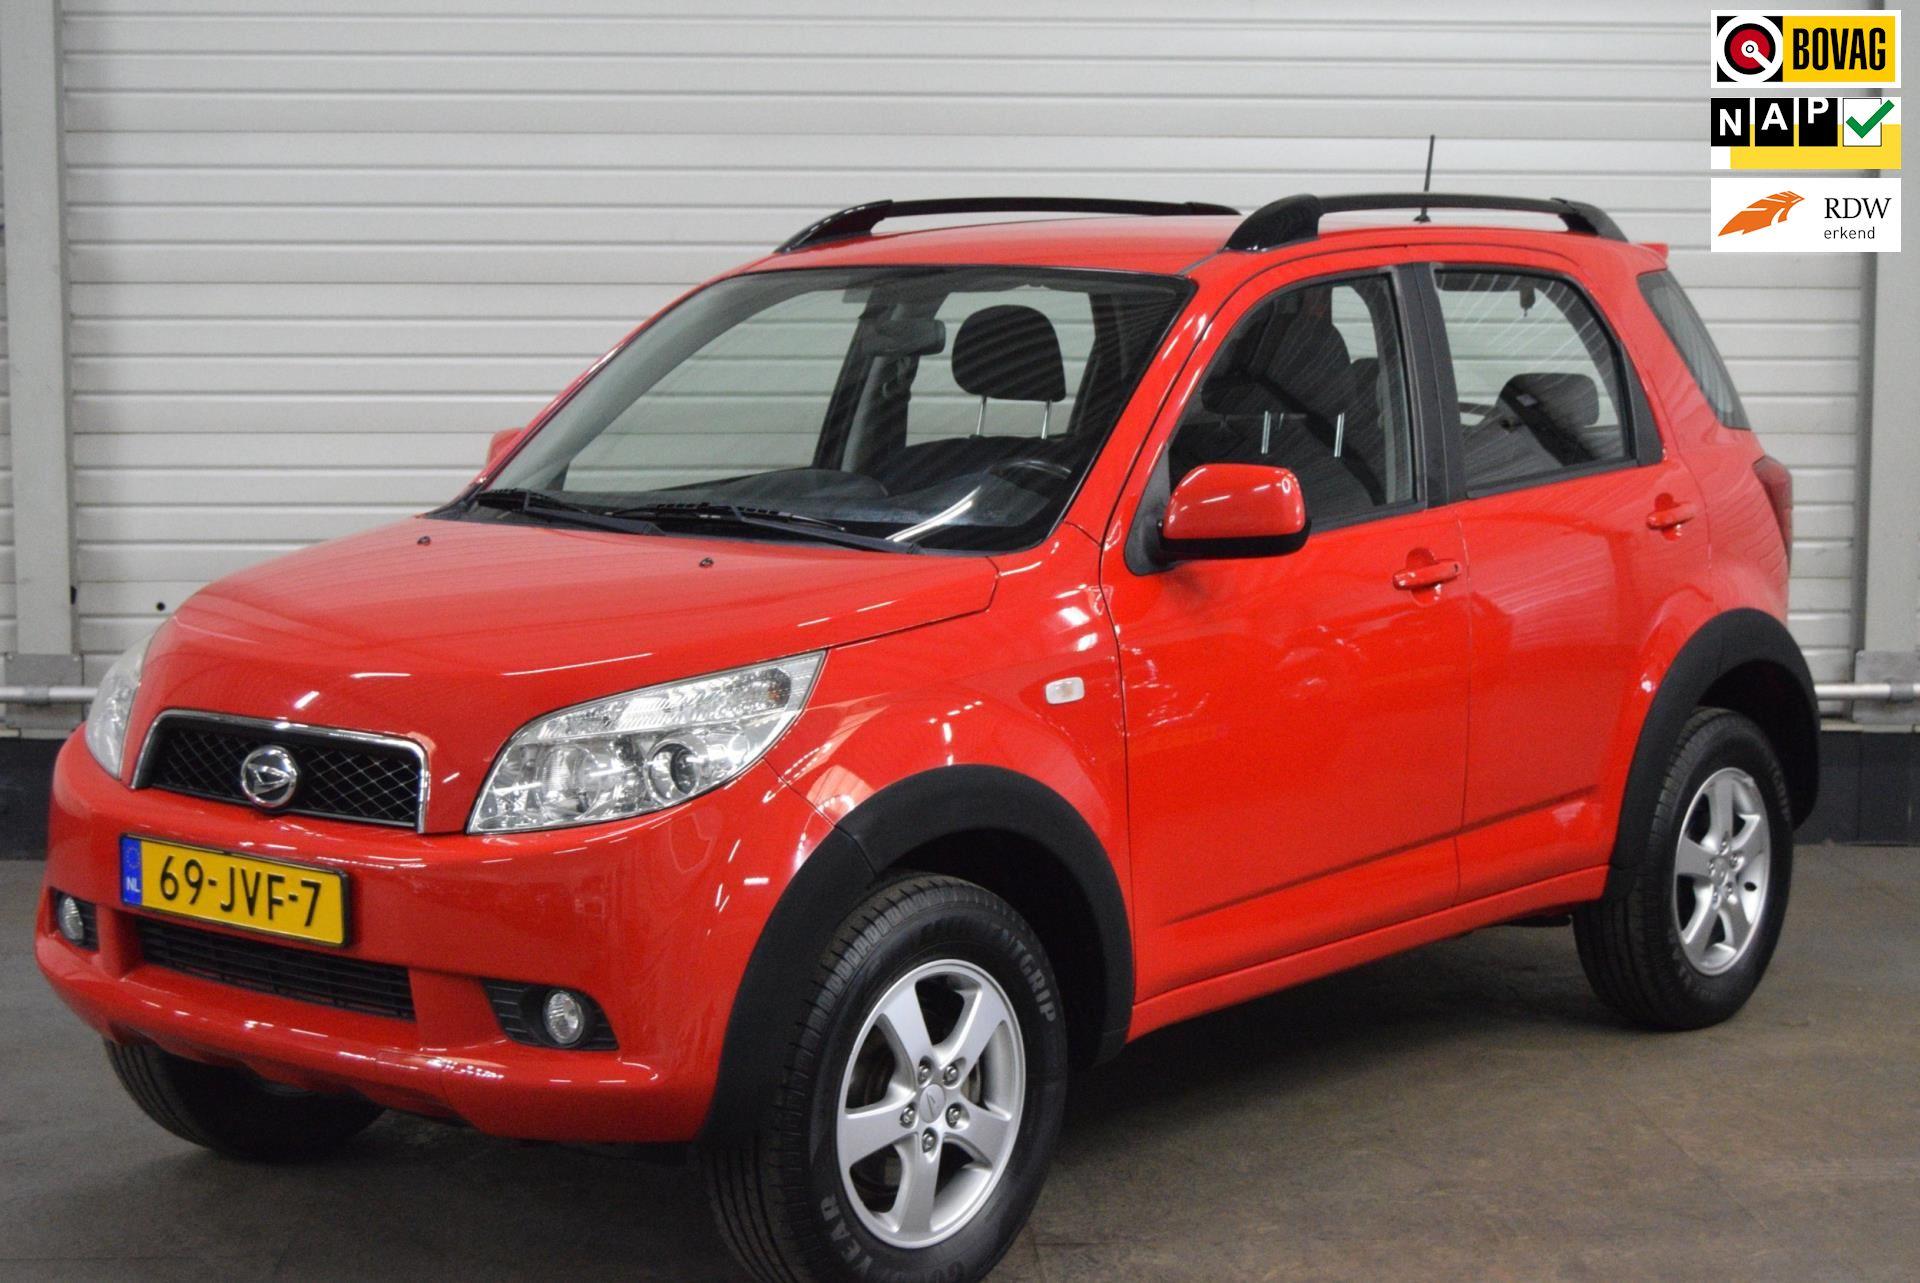 Daihatsu Terios occasion - Autobedrijf van de Werken bv